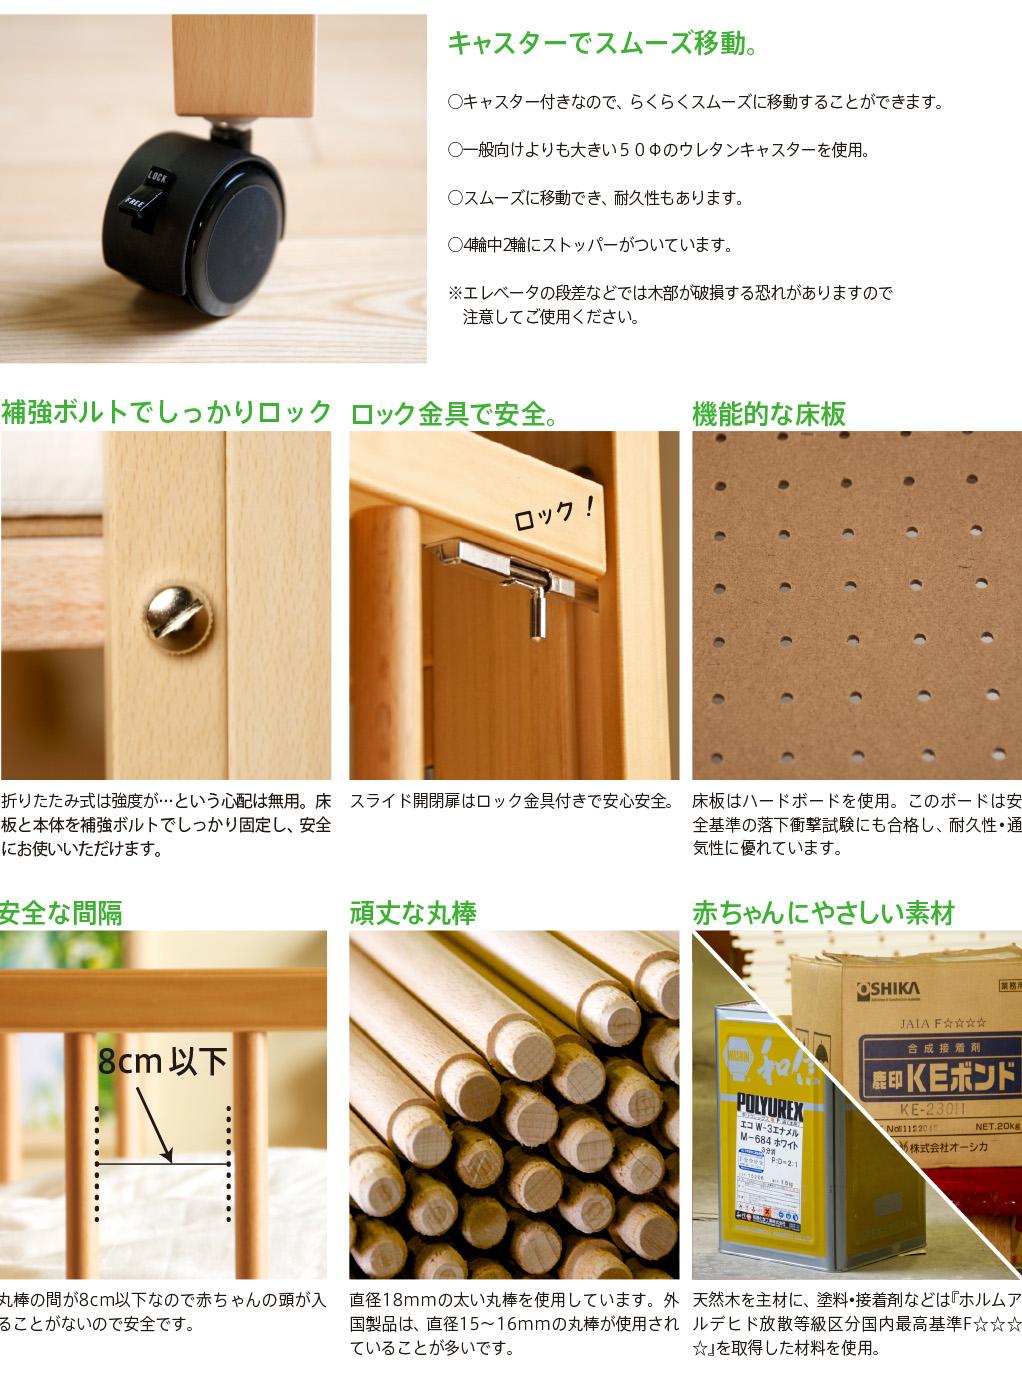 日本製ベビーベッド「業務用 折りたたみベッド(マット付)」 石崎家具